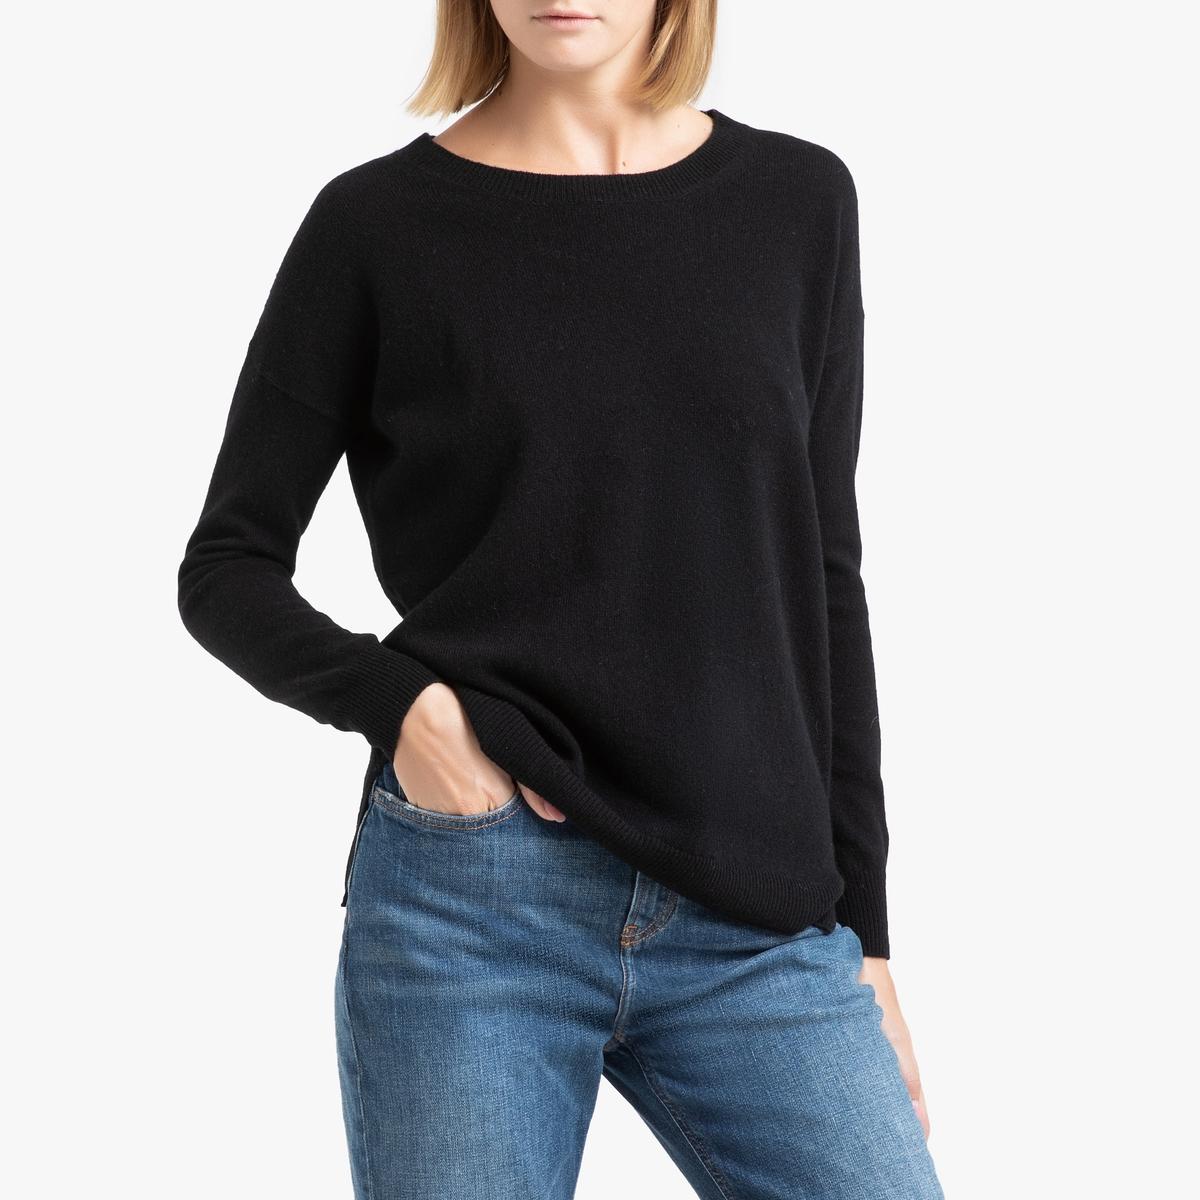 Пуловер La Redoute Кашемировый с круглым вырезом из тонкого трикотажа CHARLOTTE 1(S) черный